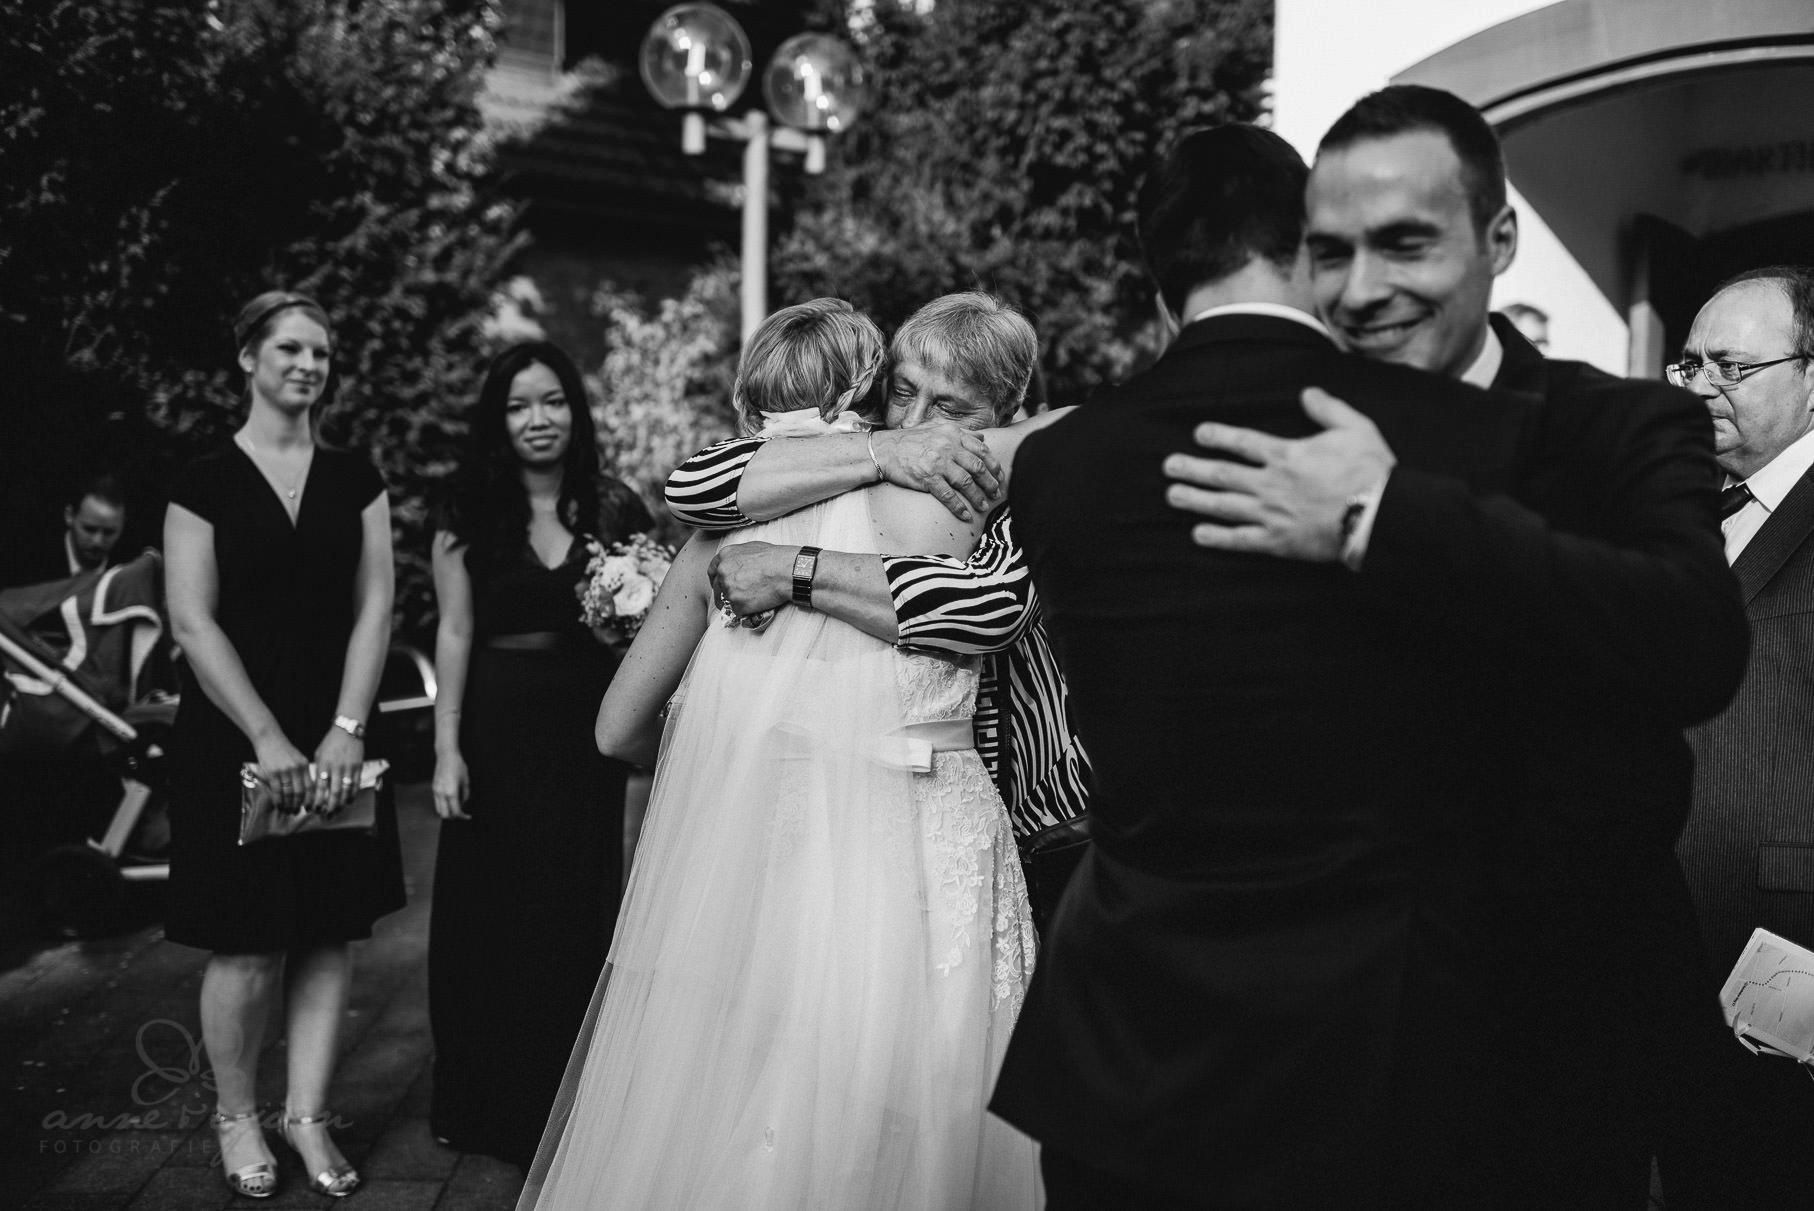 0029 euo 812 0519 - Hochzeit im Schloss Reinbek - Elvira & Olaf